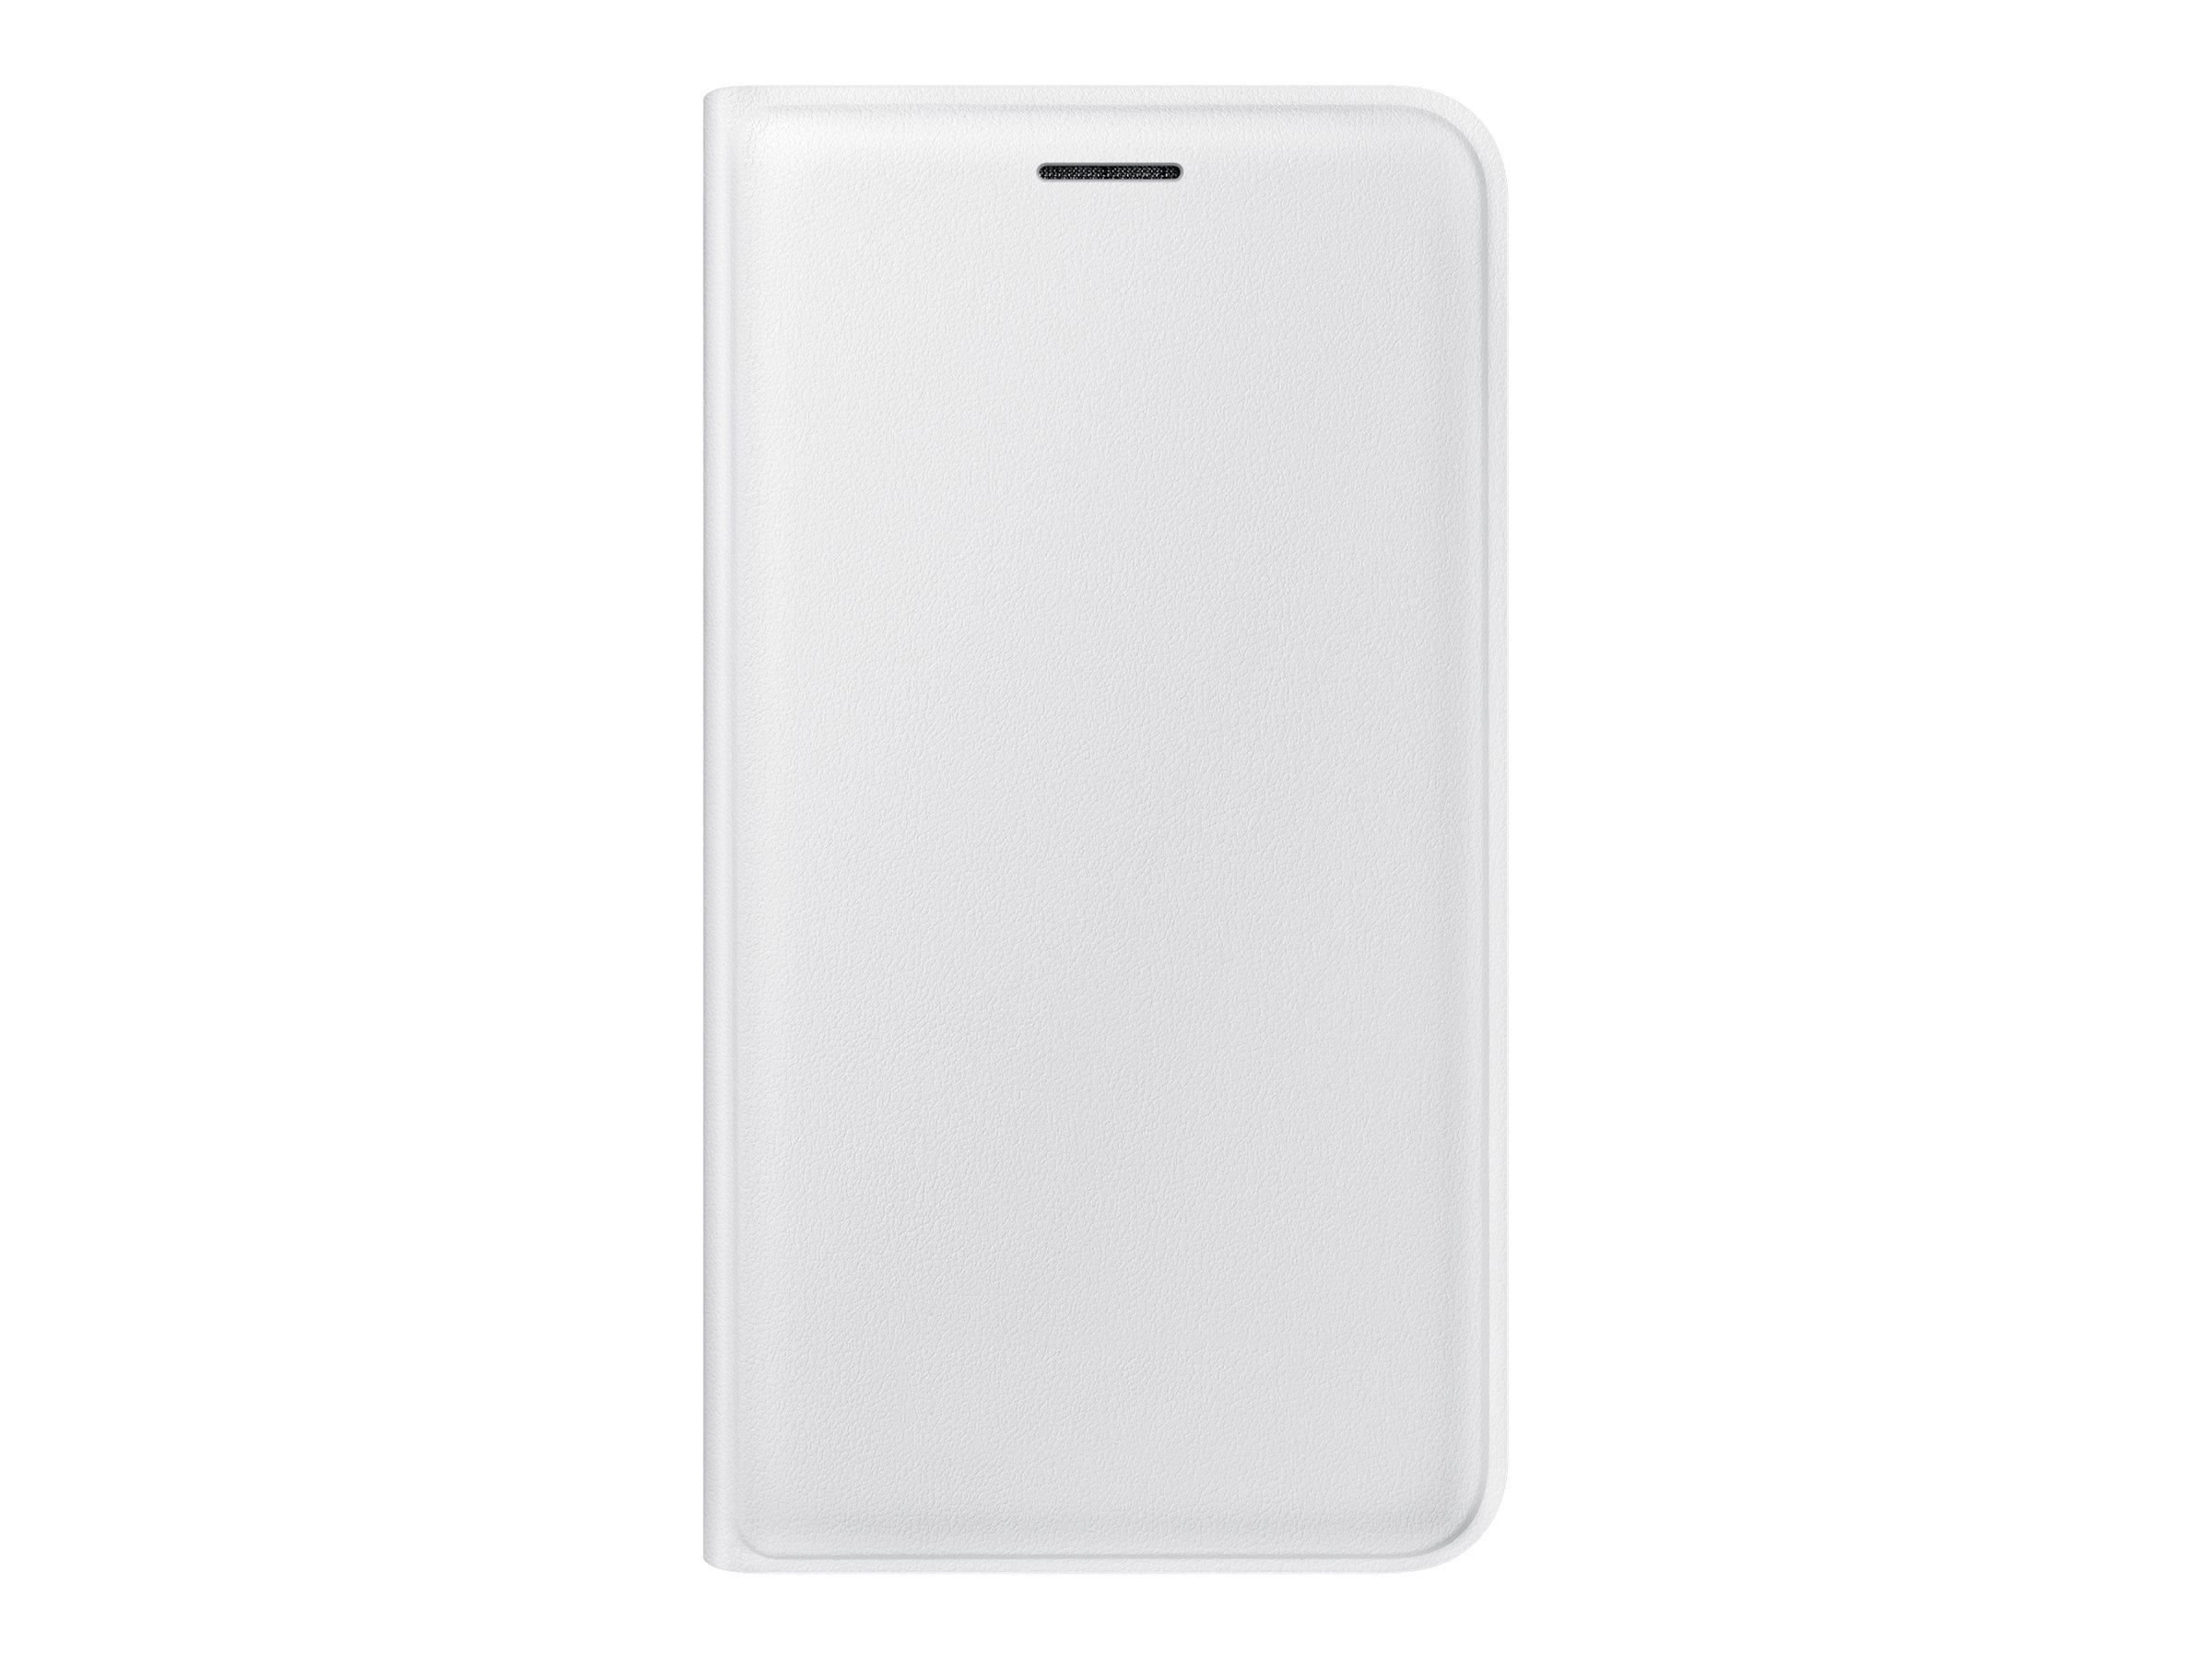 Samsung Flip Wallet EF-WJ120 protection à rabat pour téléphone portable